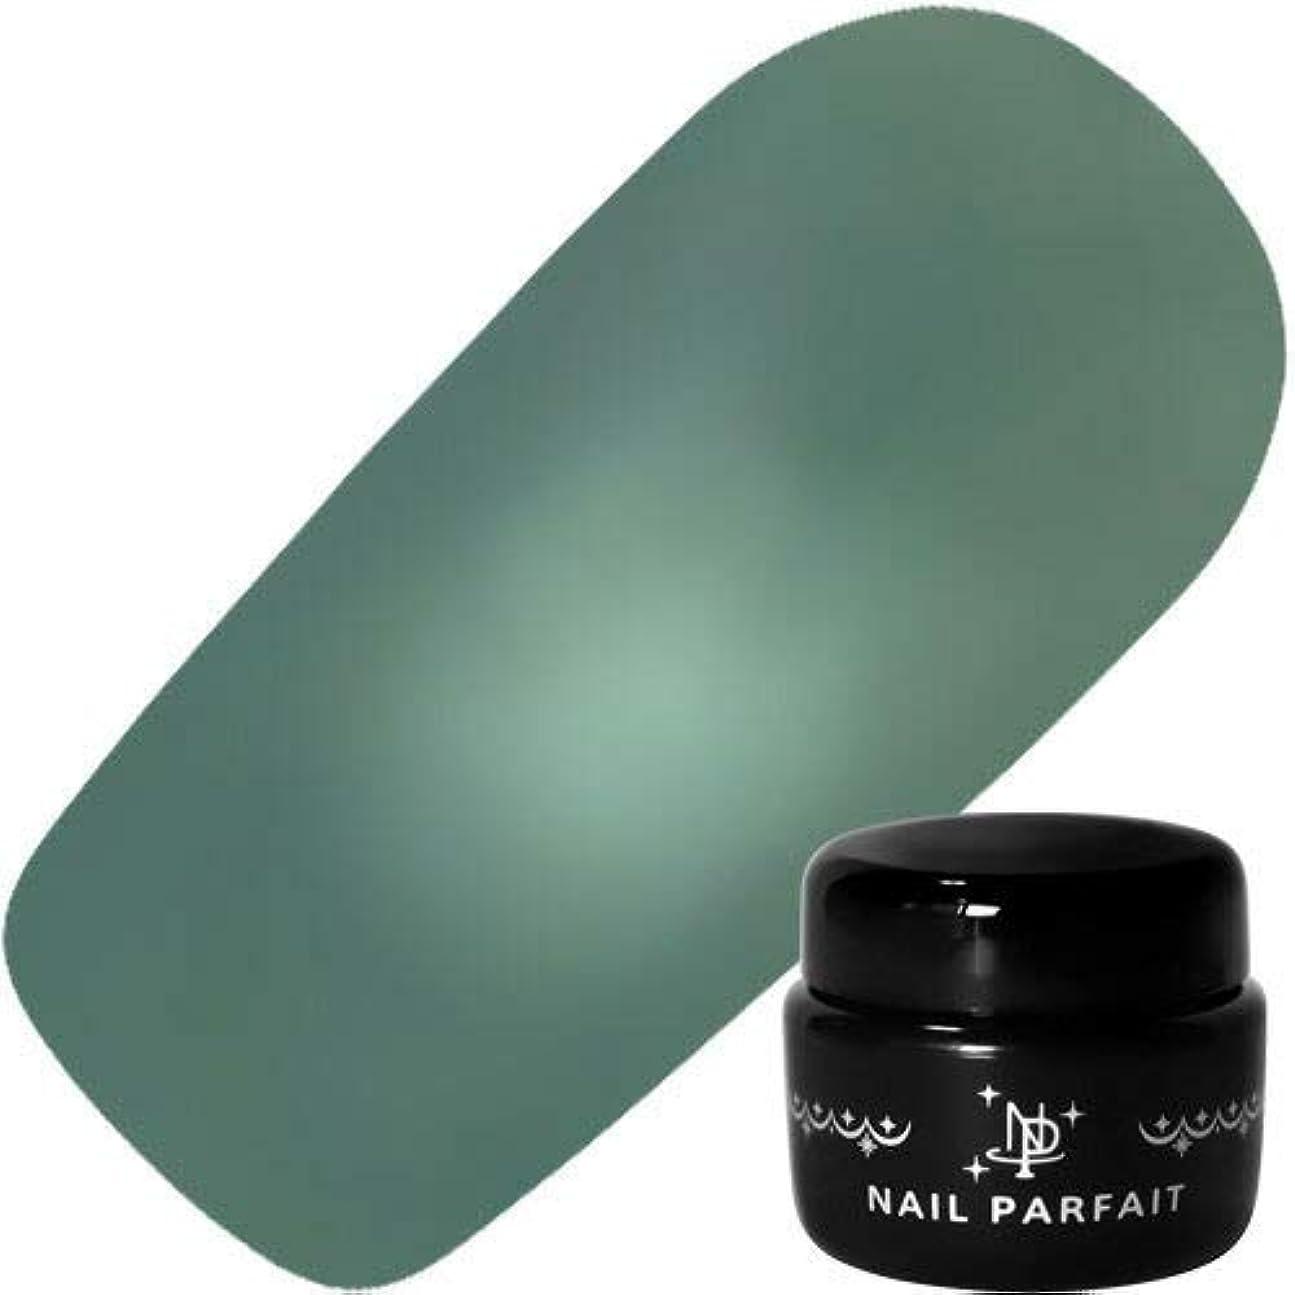 ポーズバンブランド名NAIL PARFAIT ネイルパフェ カラージェル A47浅葱 2g 【ジェル/カラージェル?ネイル用品】